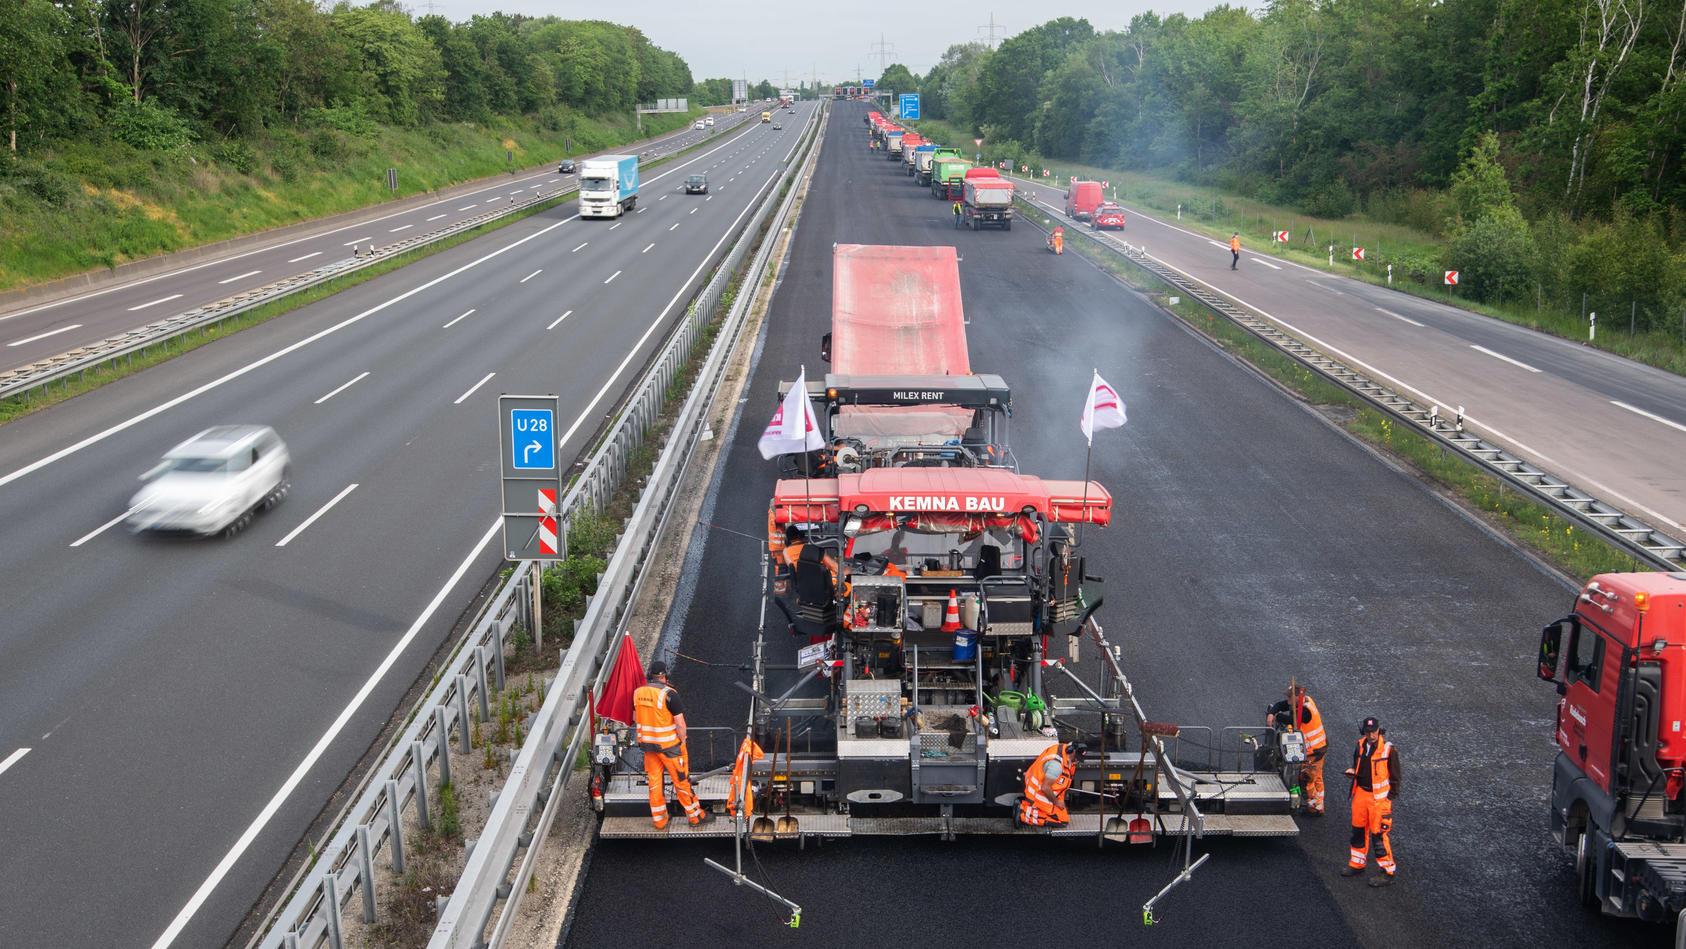 Baustelle im Mai 2020 auf der A2 in Niedersachsen